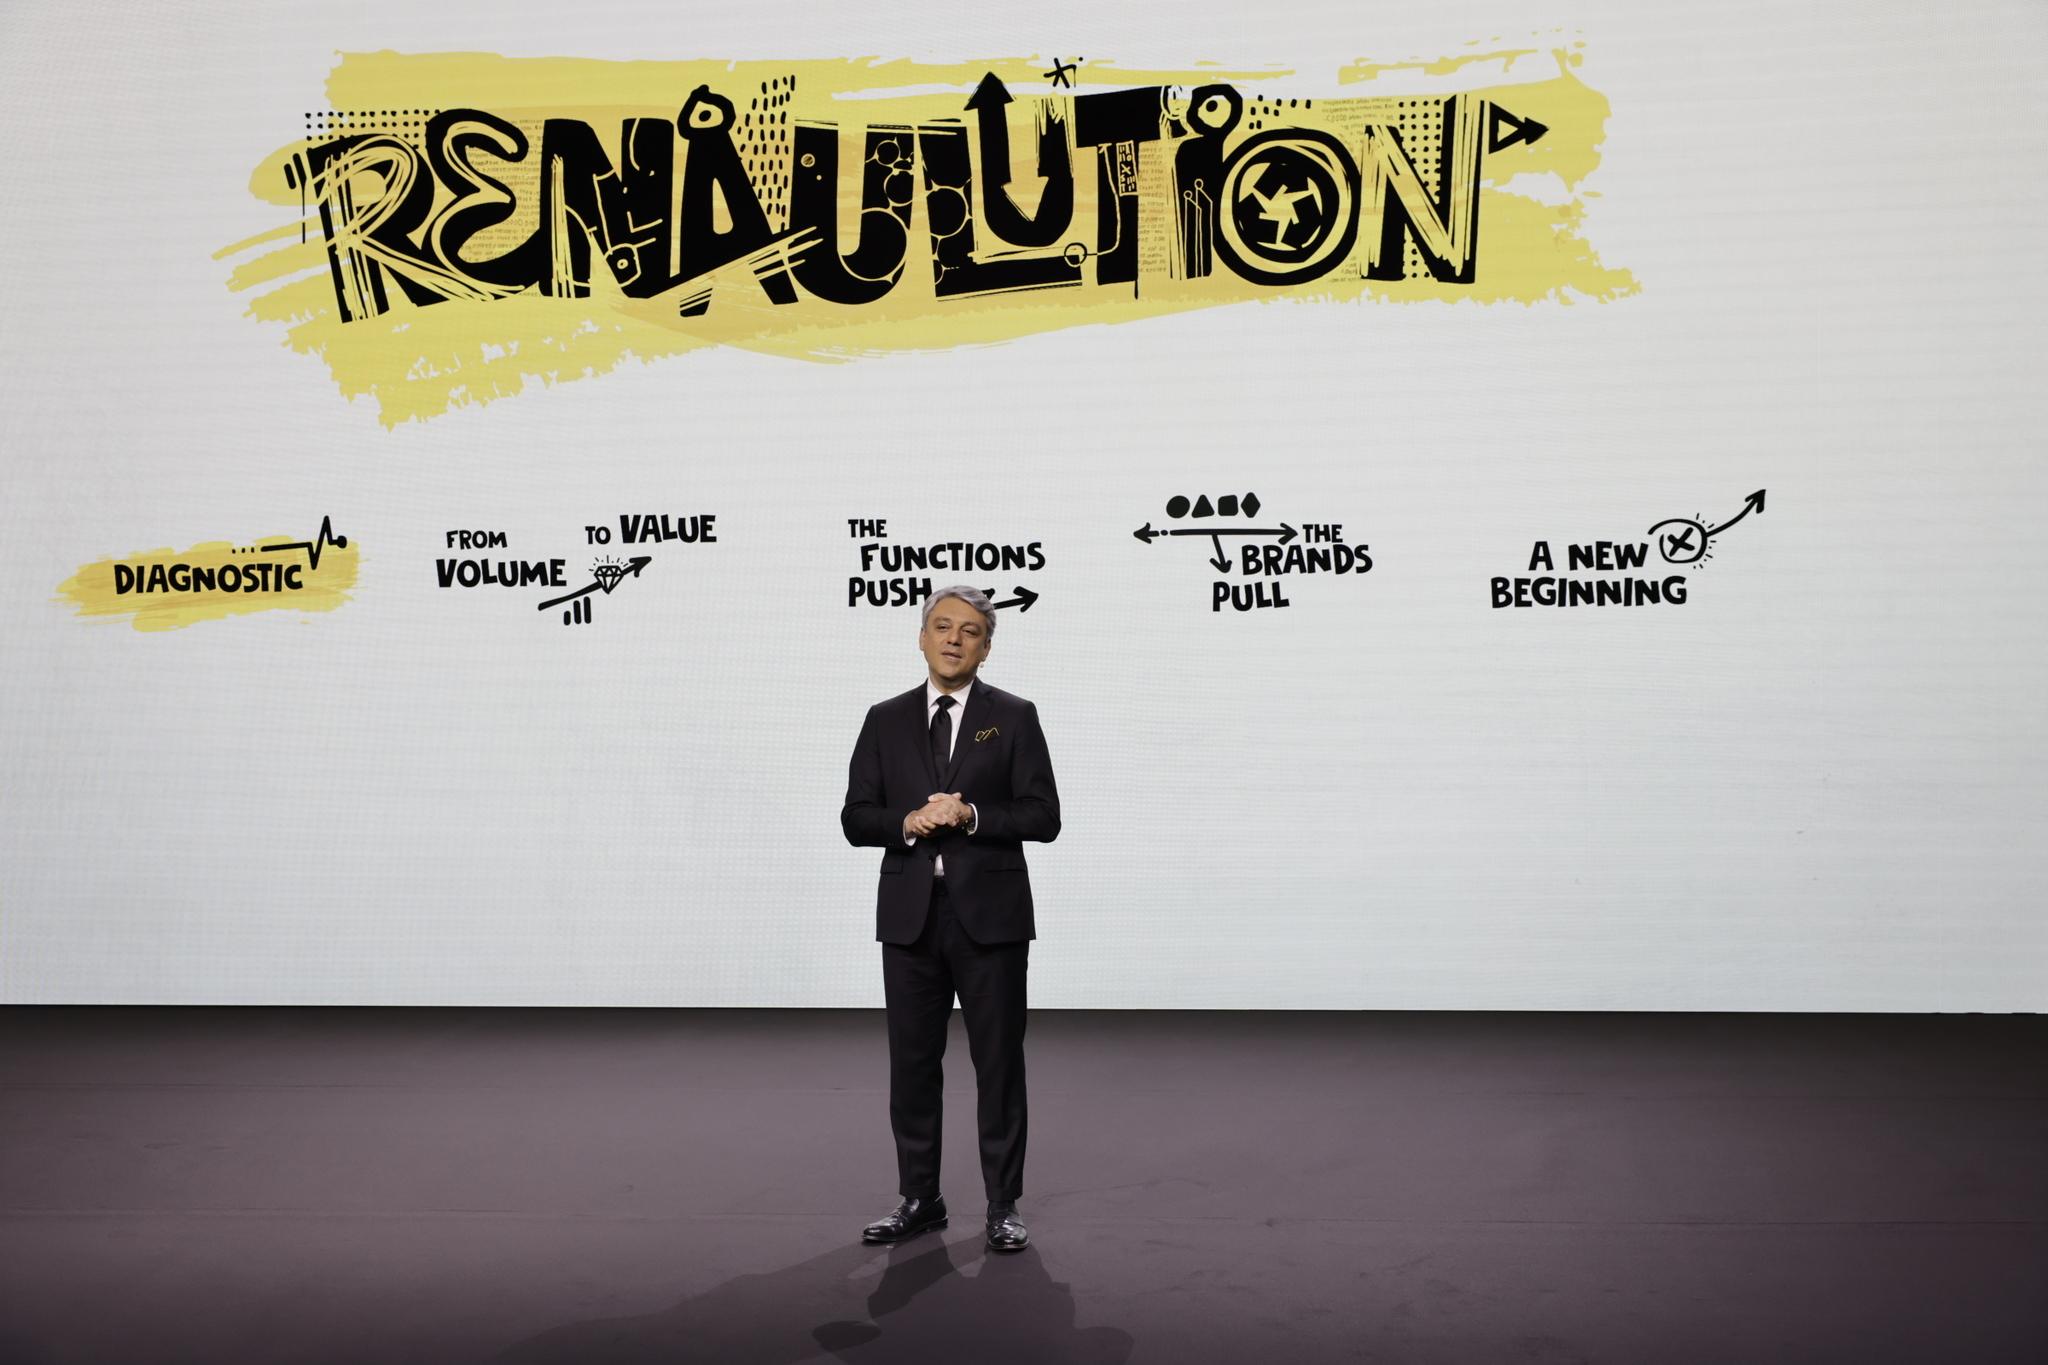 La nueva estrategia del Grupo Renault se delonima Renaulution.